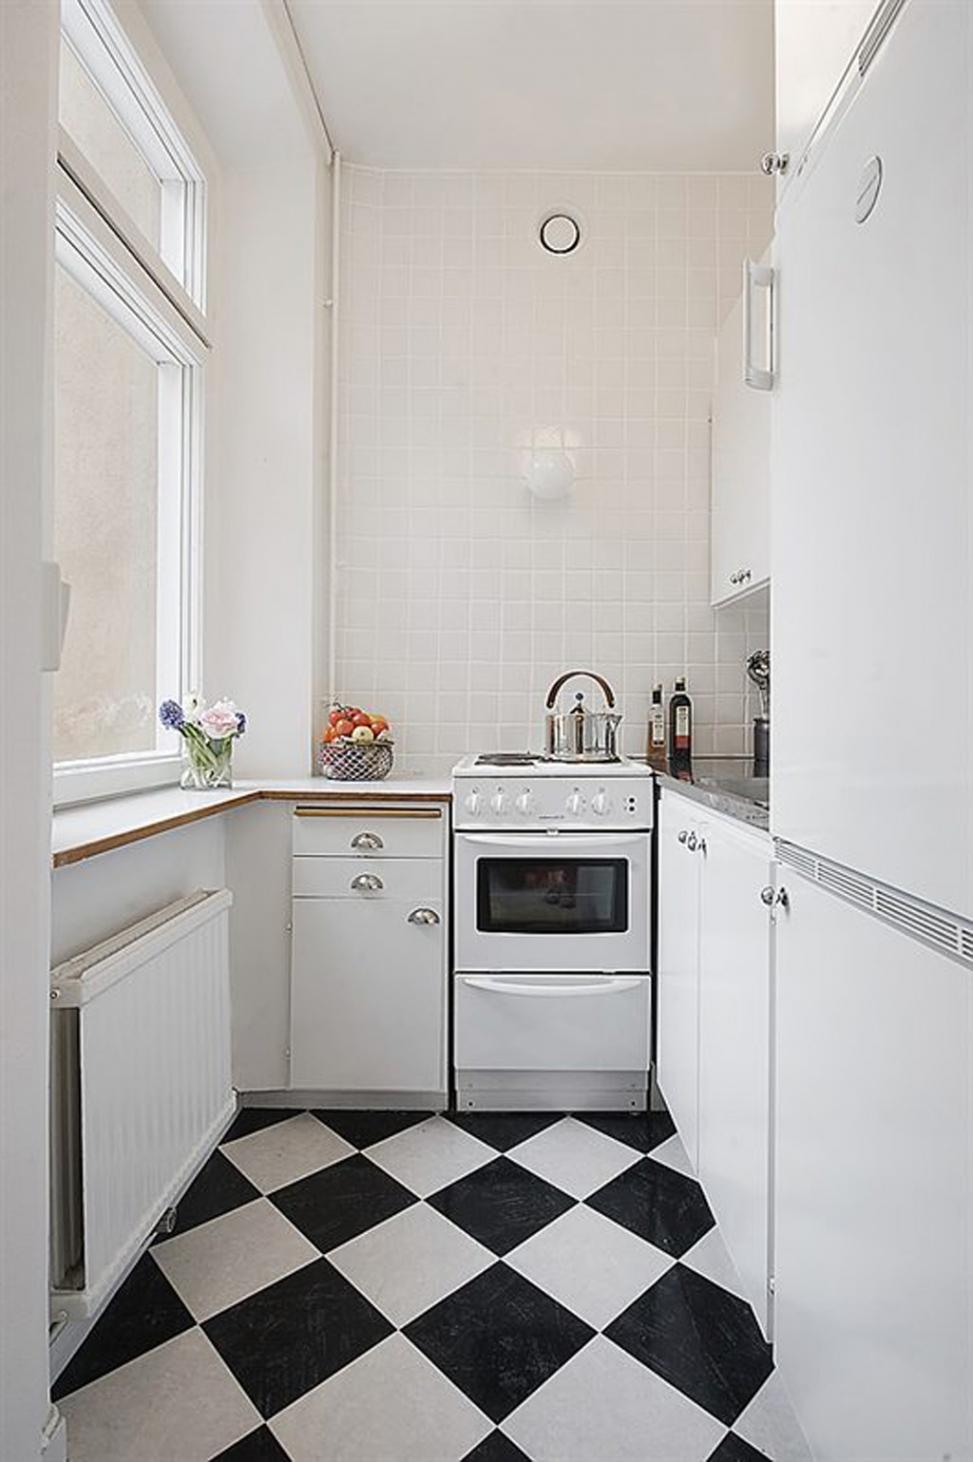 Black Kitchen Floor Tiles Black Vinyl Floor Tile Self